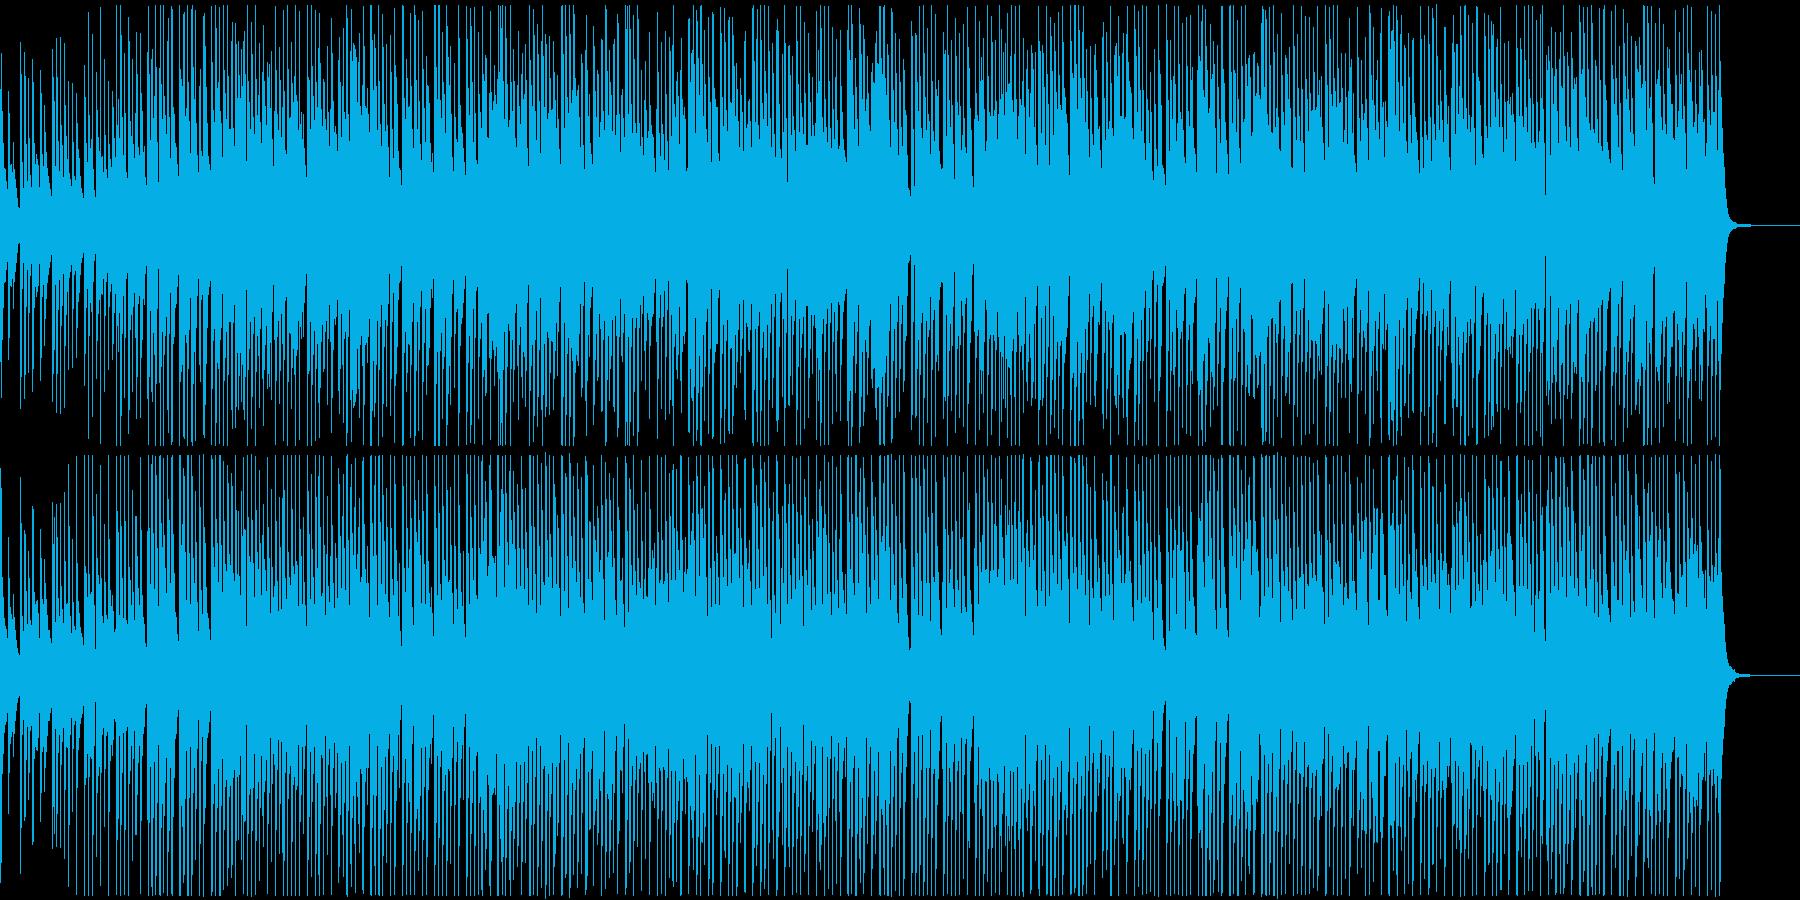 ウクレレとピアノの愉快なおもちゃブルースの再生済みの波形